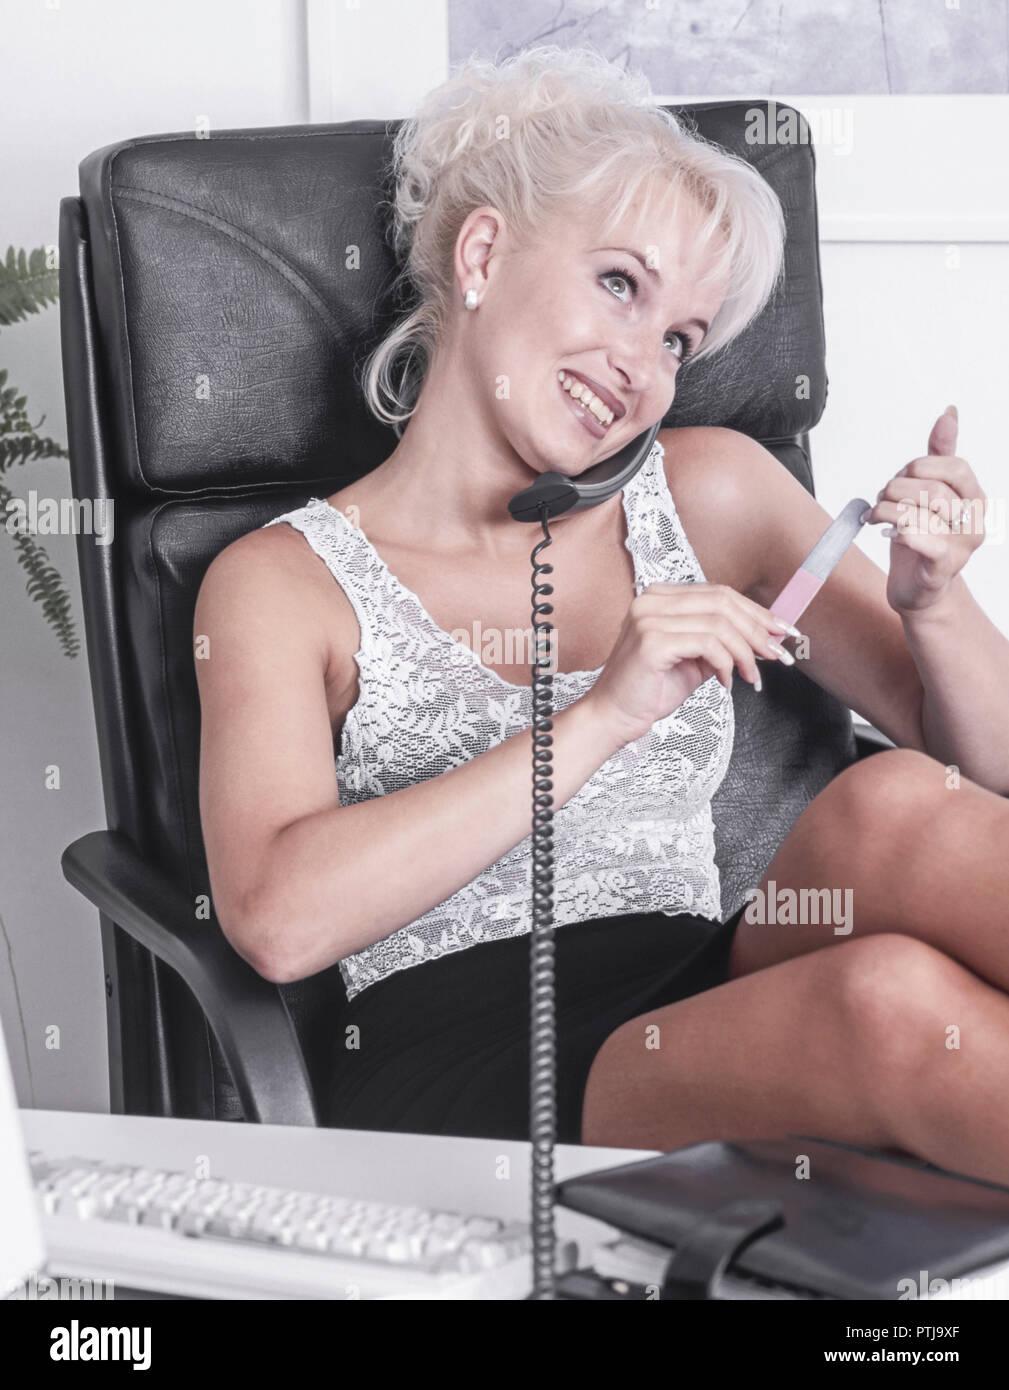 Sekretaerin feilt ihre Fingernaegel im Buero und telefoniert dabei (Modellfreigabe) - Stock Image